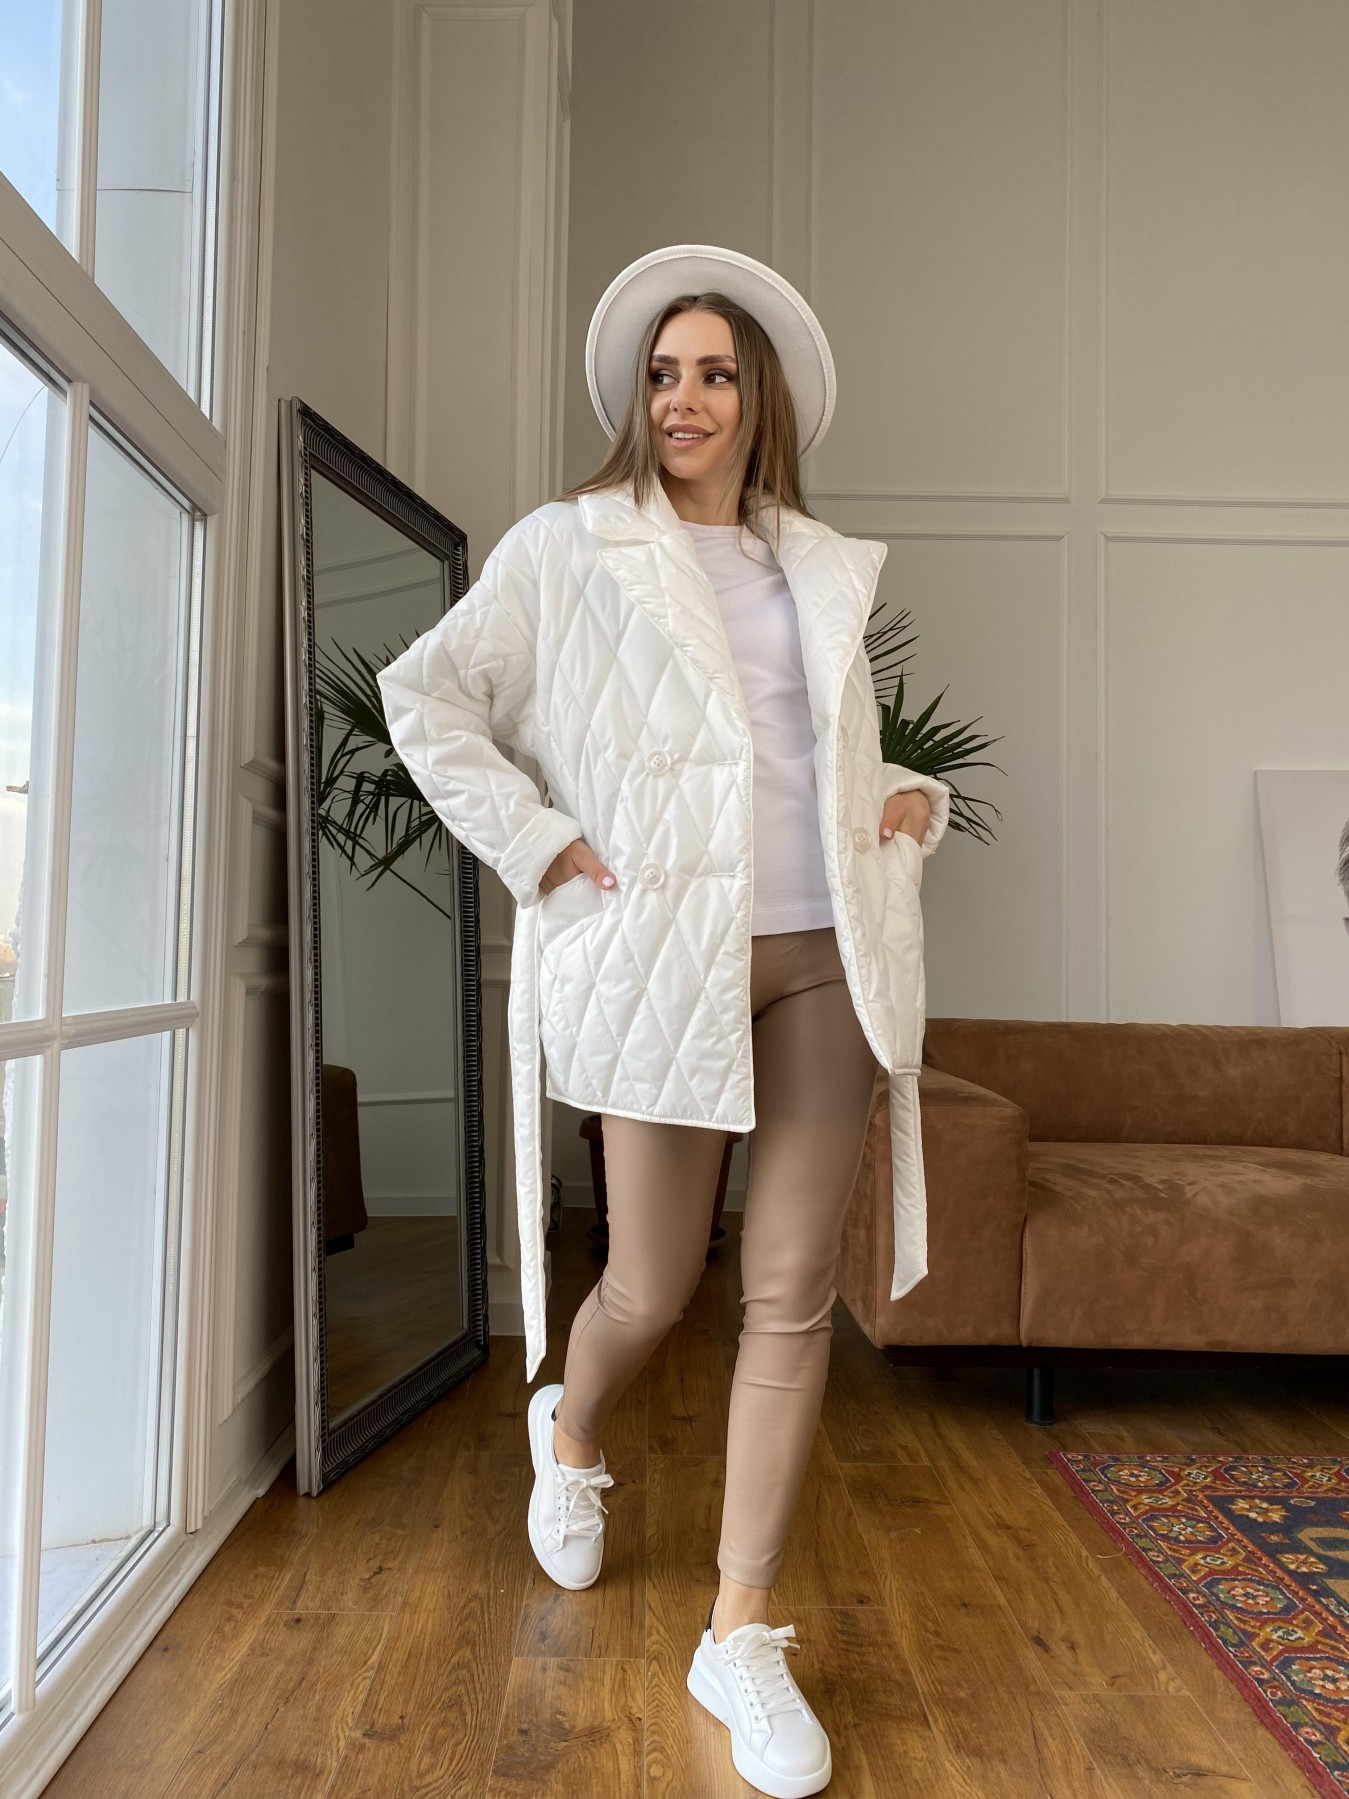 Норд куртка из плащевой ткани стеганая 10883 АРТ. 47423 Цвет: Молоко - фото 2, интернет магазин tm-modus.ru